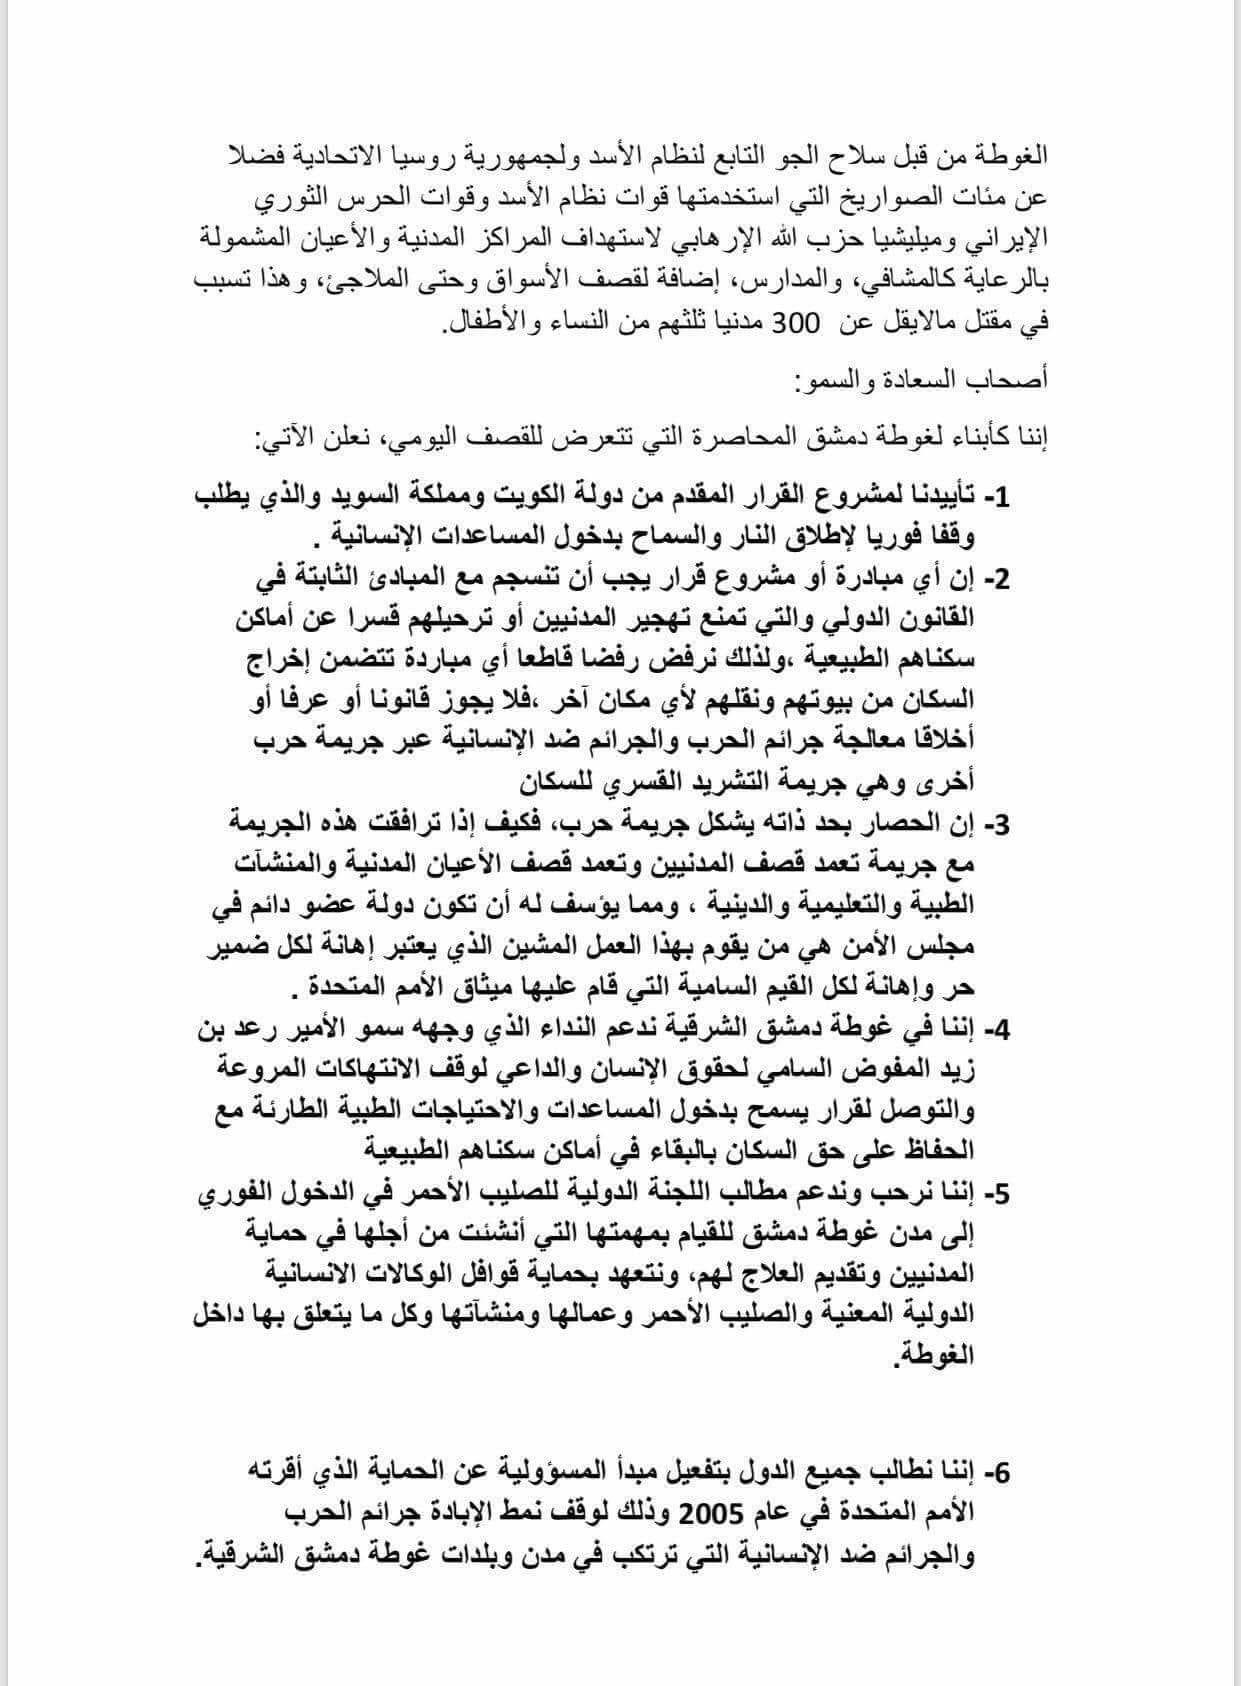 بيان فصائل الغوطة إلى مجلس الأمن - 23 شباط 2018 (تويتر)